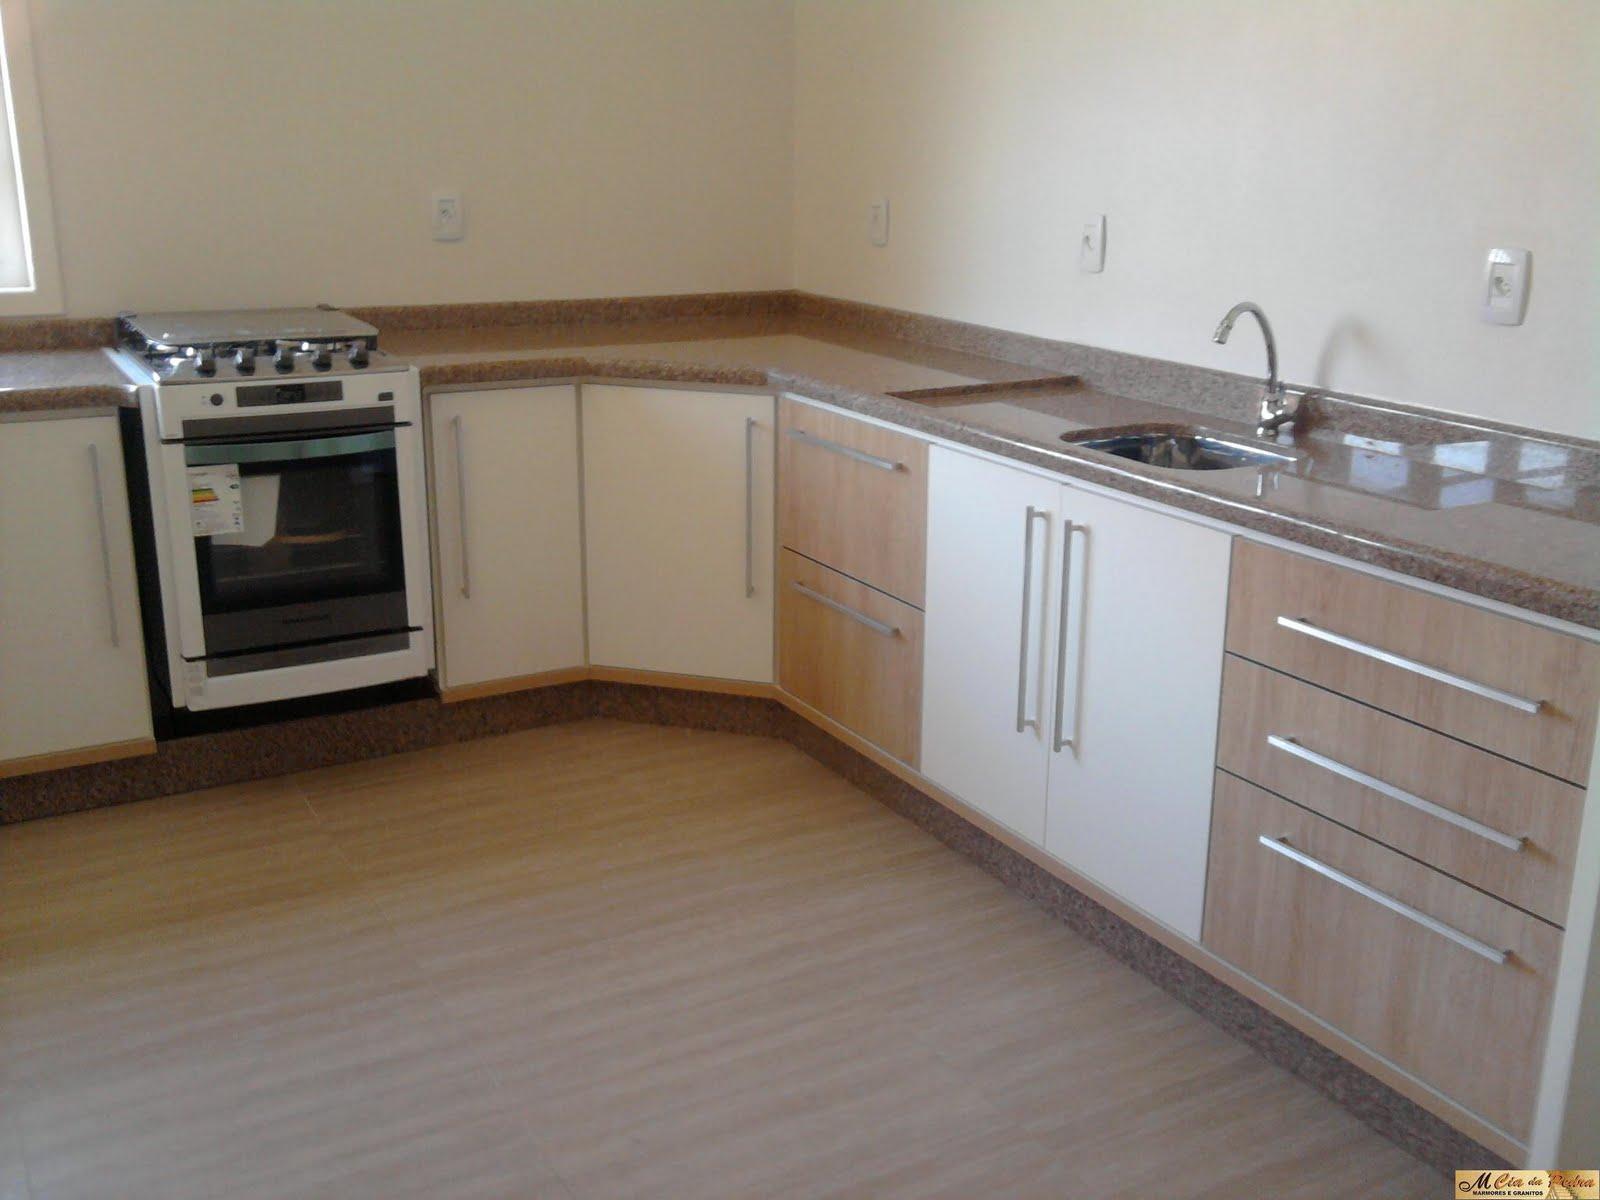 Cozinhas Com Granito 2 Car Interior Design #644A32 1600 1200